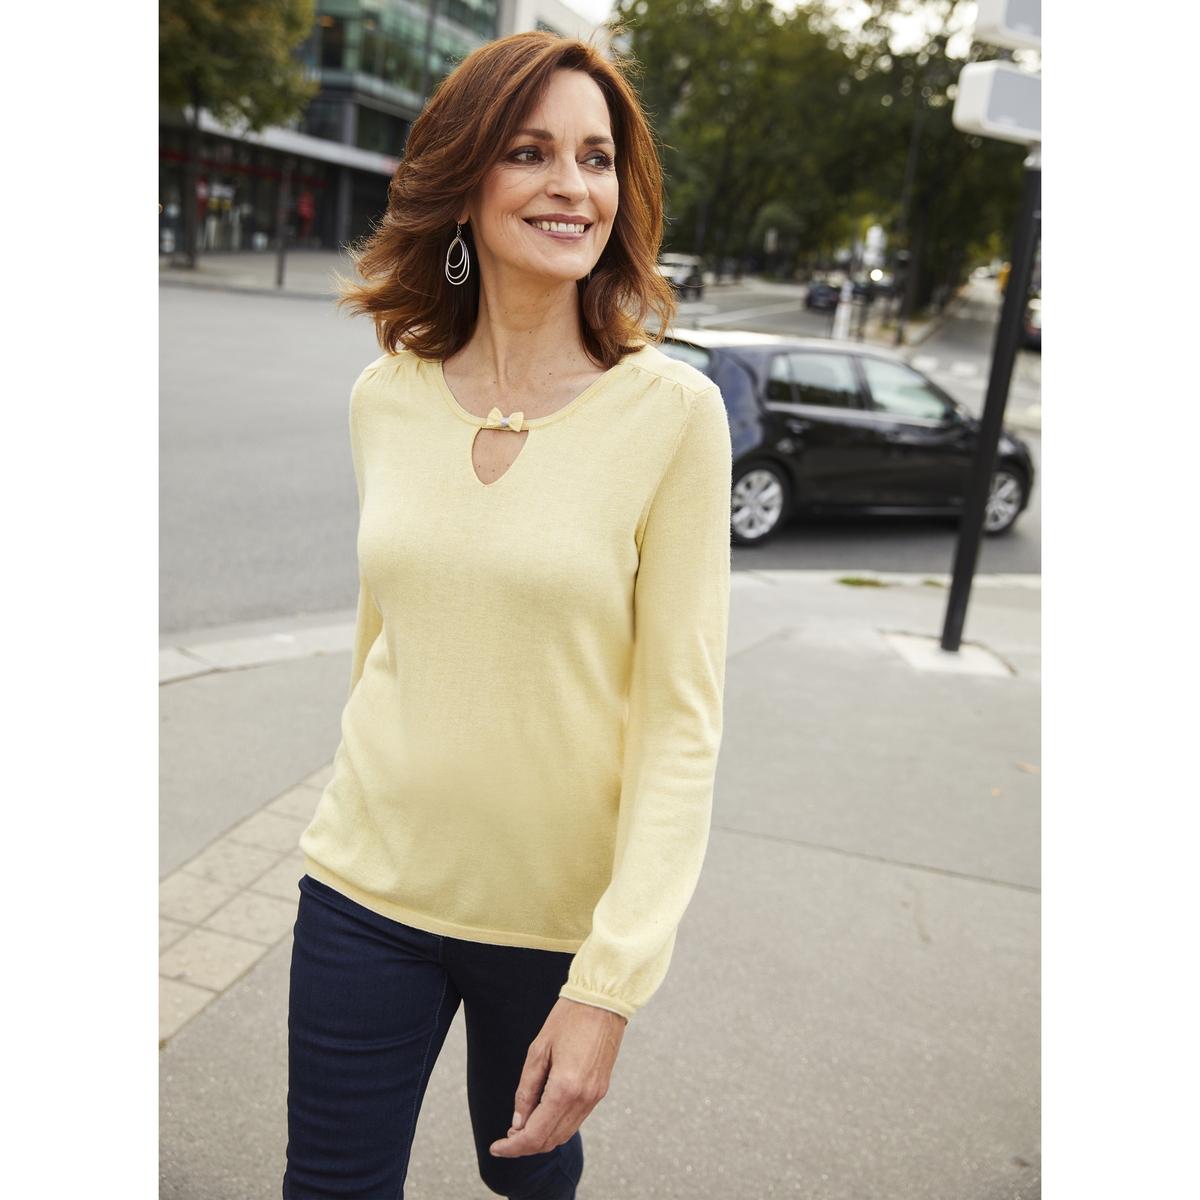 Imagen principal de producto de Jersey con cuello redondo y punto fino, 10% lana - Anne weyburn